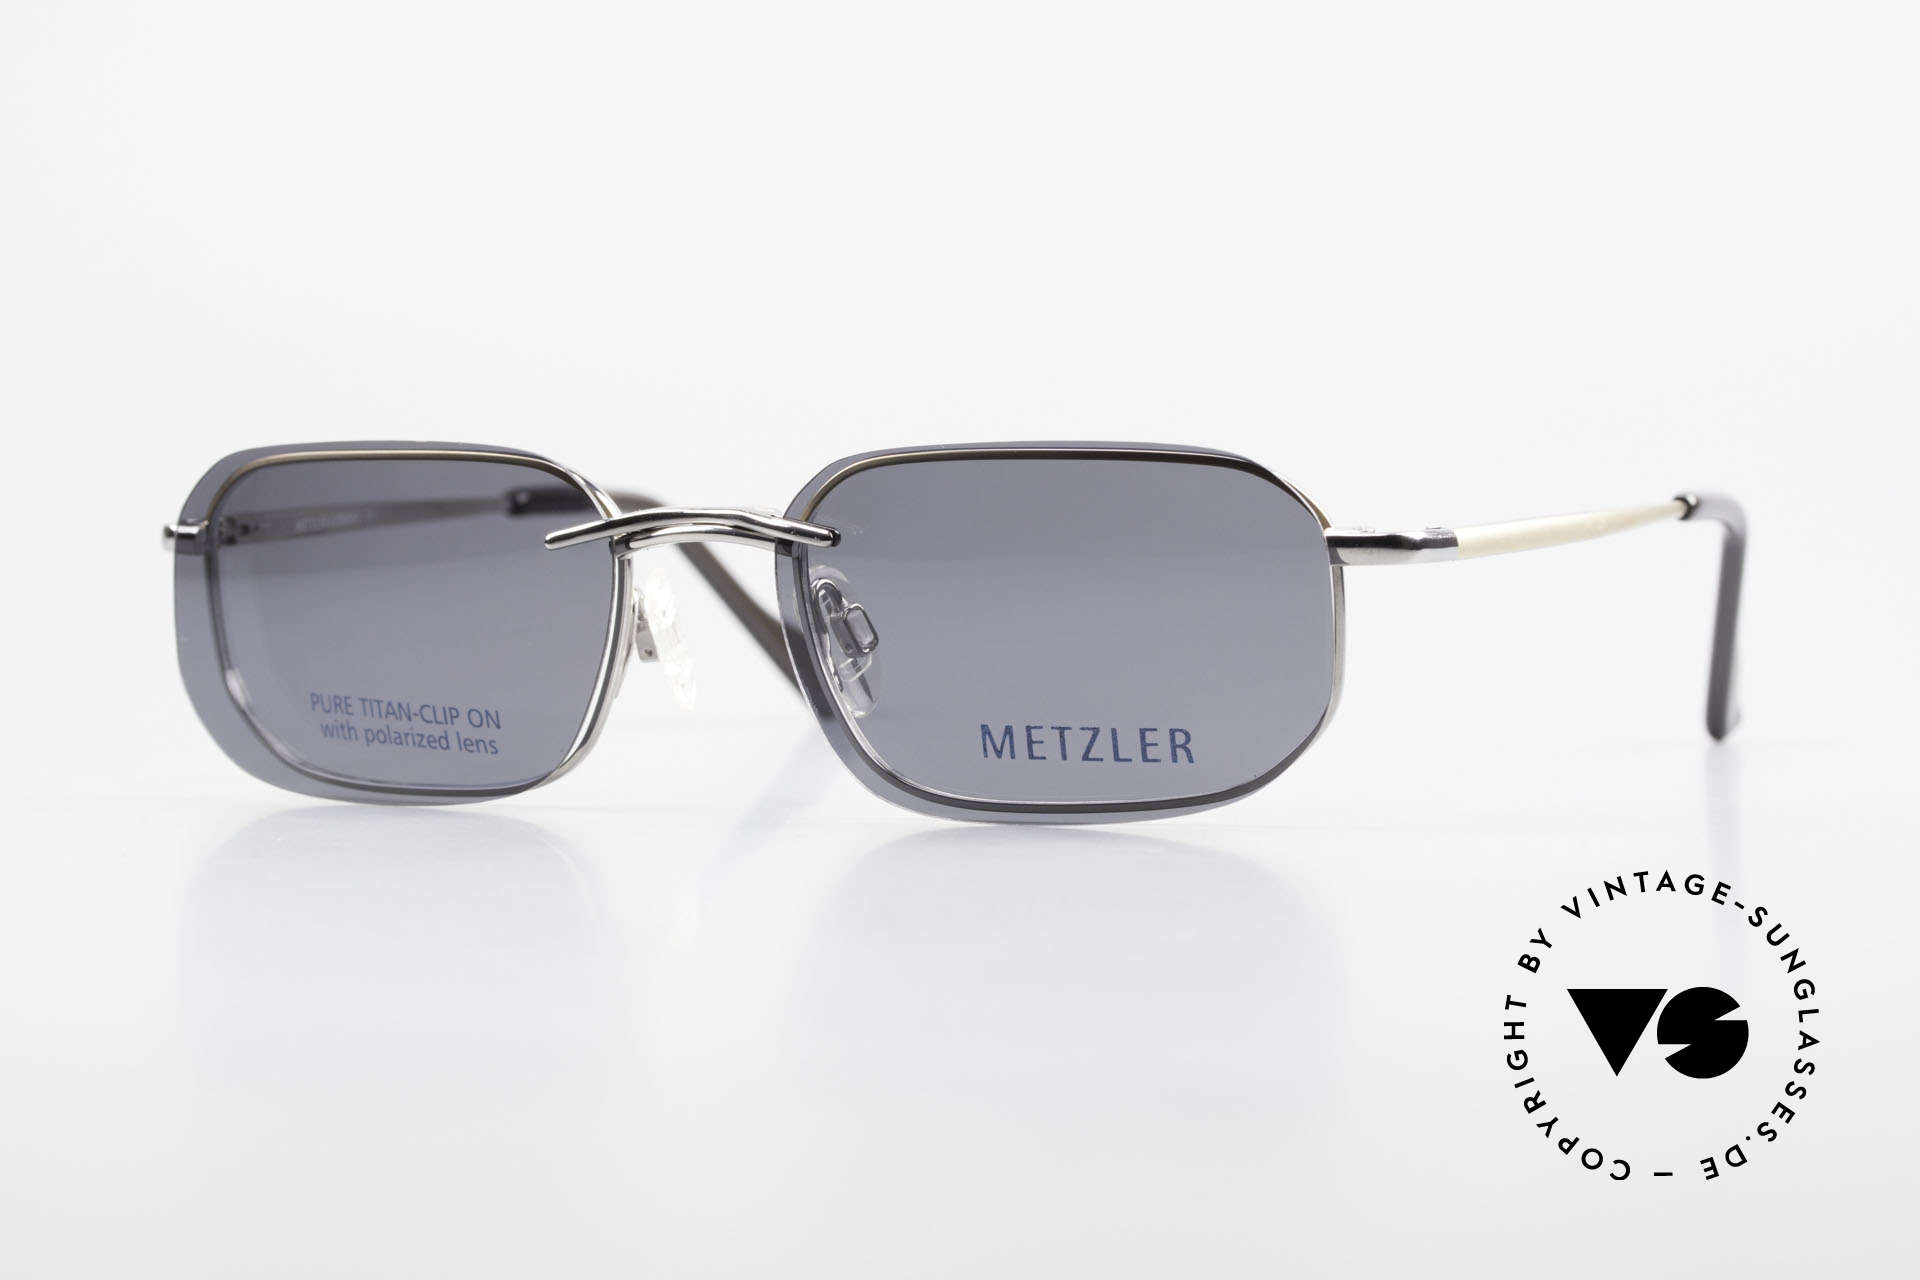 Metzler 1716 90er Titanbrille Polarisierend, 90er Metzler Titan-Brille 1716, col 023, Gr. 52/19, 135, Passend für Herren